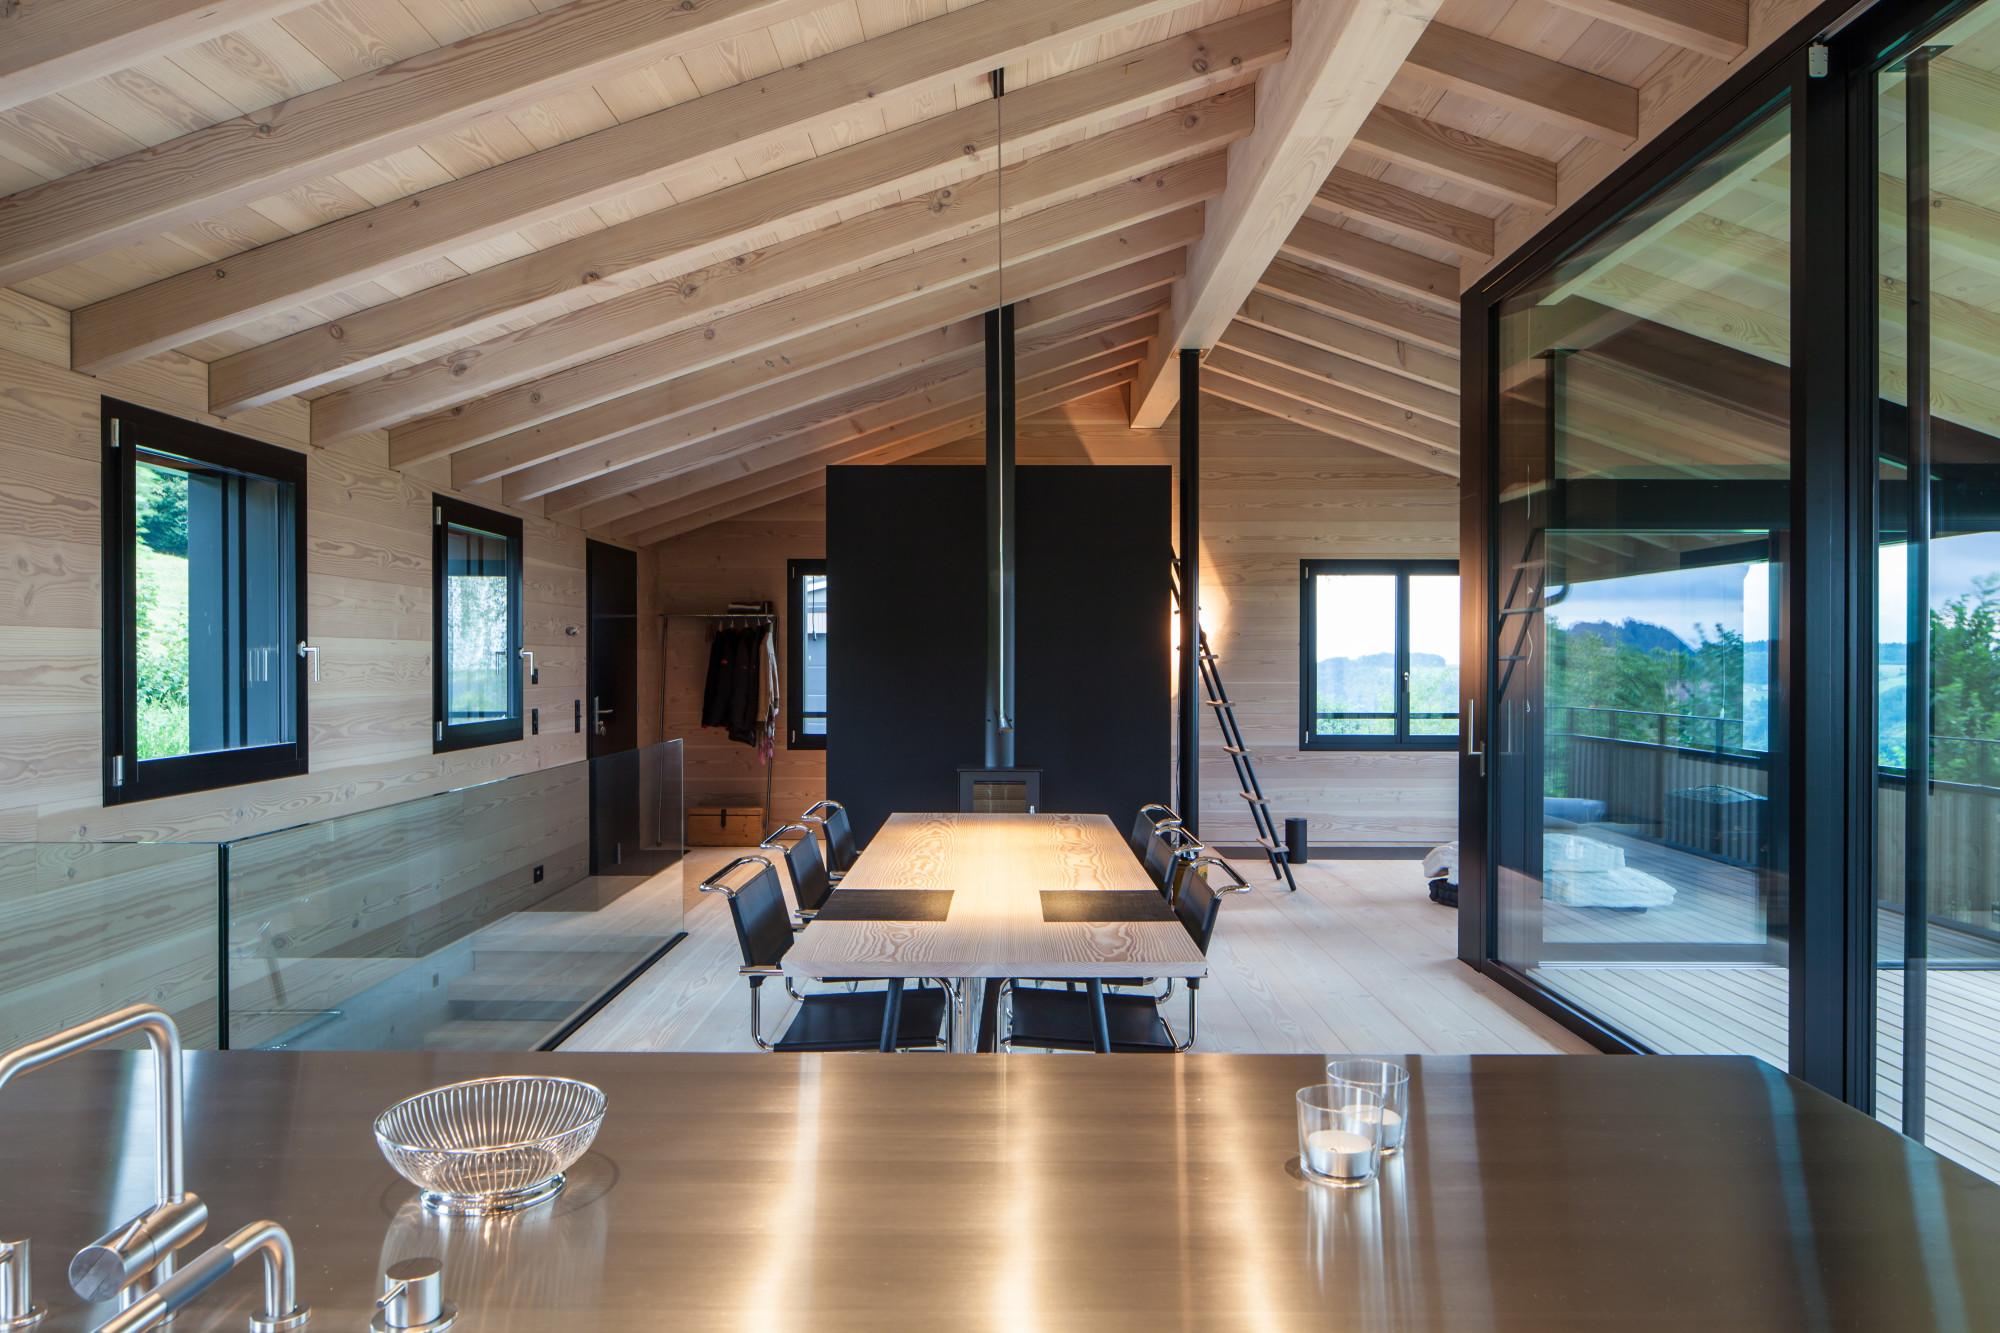 raumlange dielen aus eiche und douglasie gesund bauen. Black Bedroom Furniture Sets. Home Design Ideas